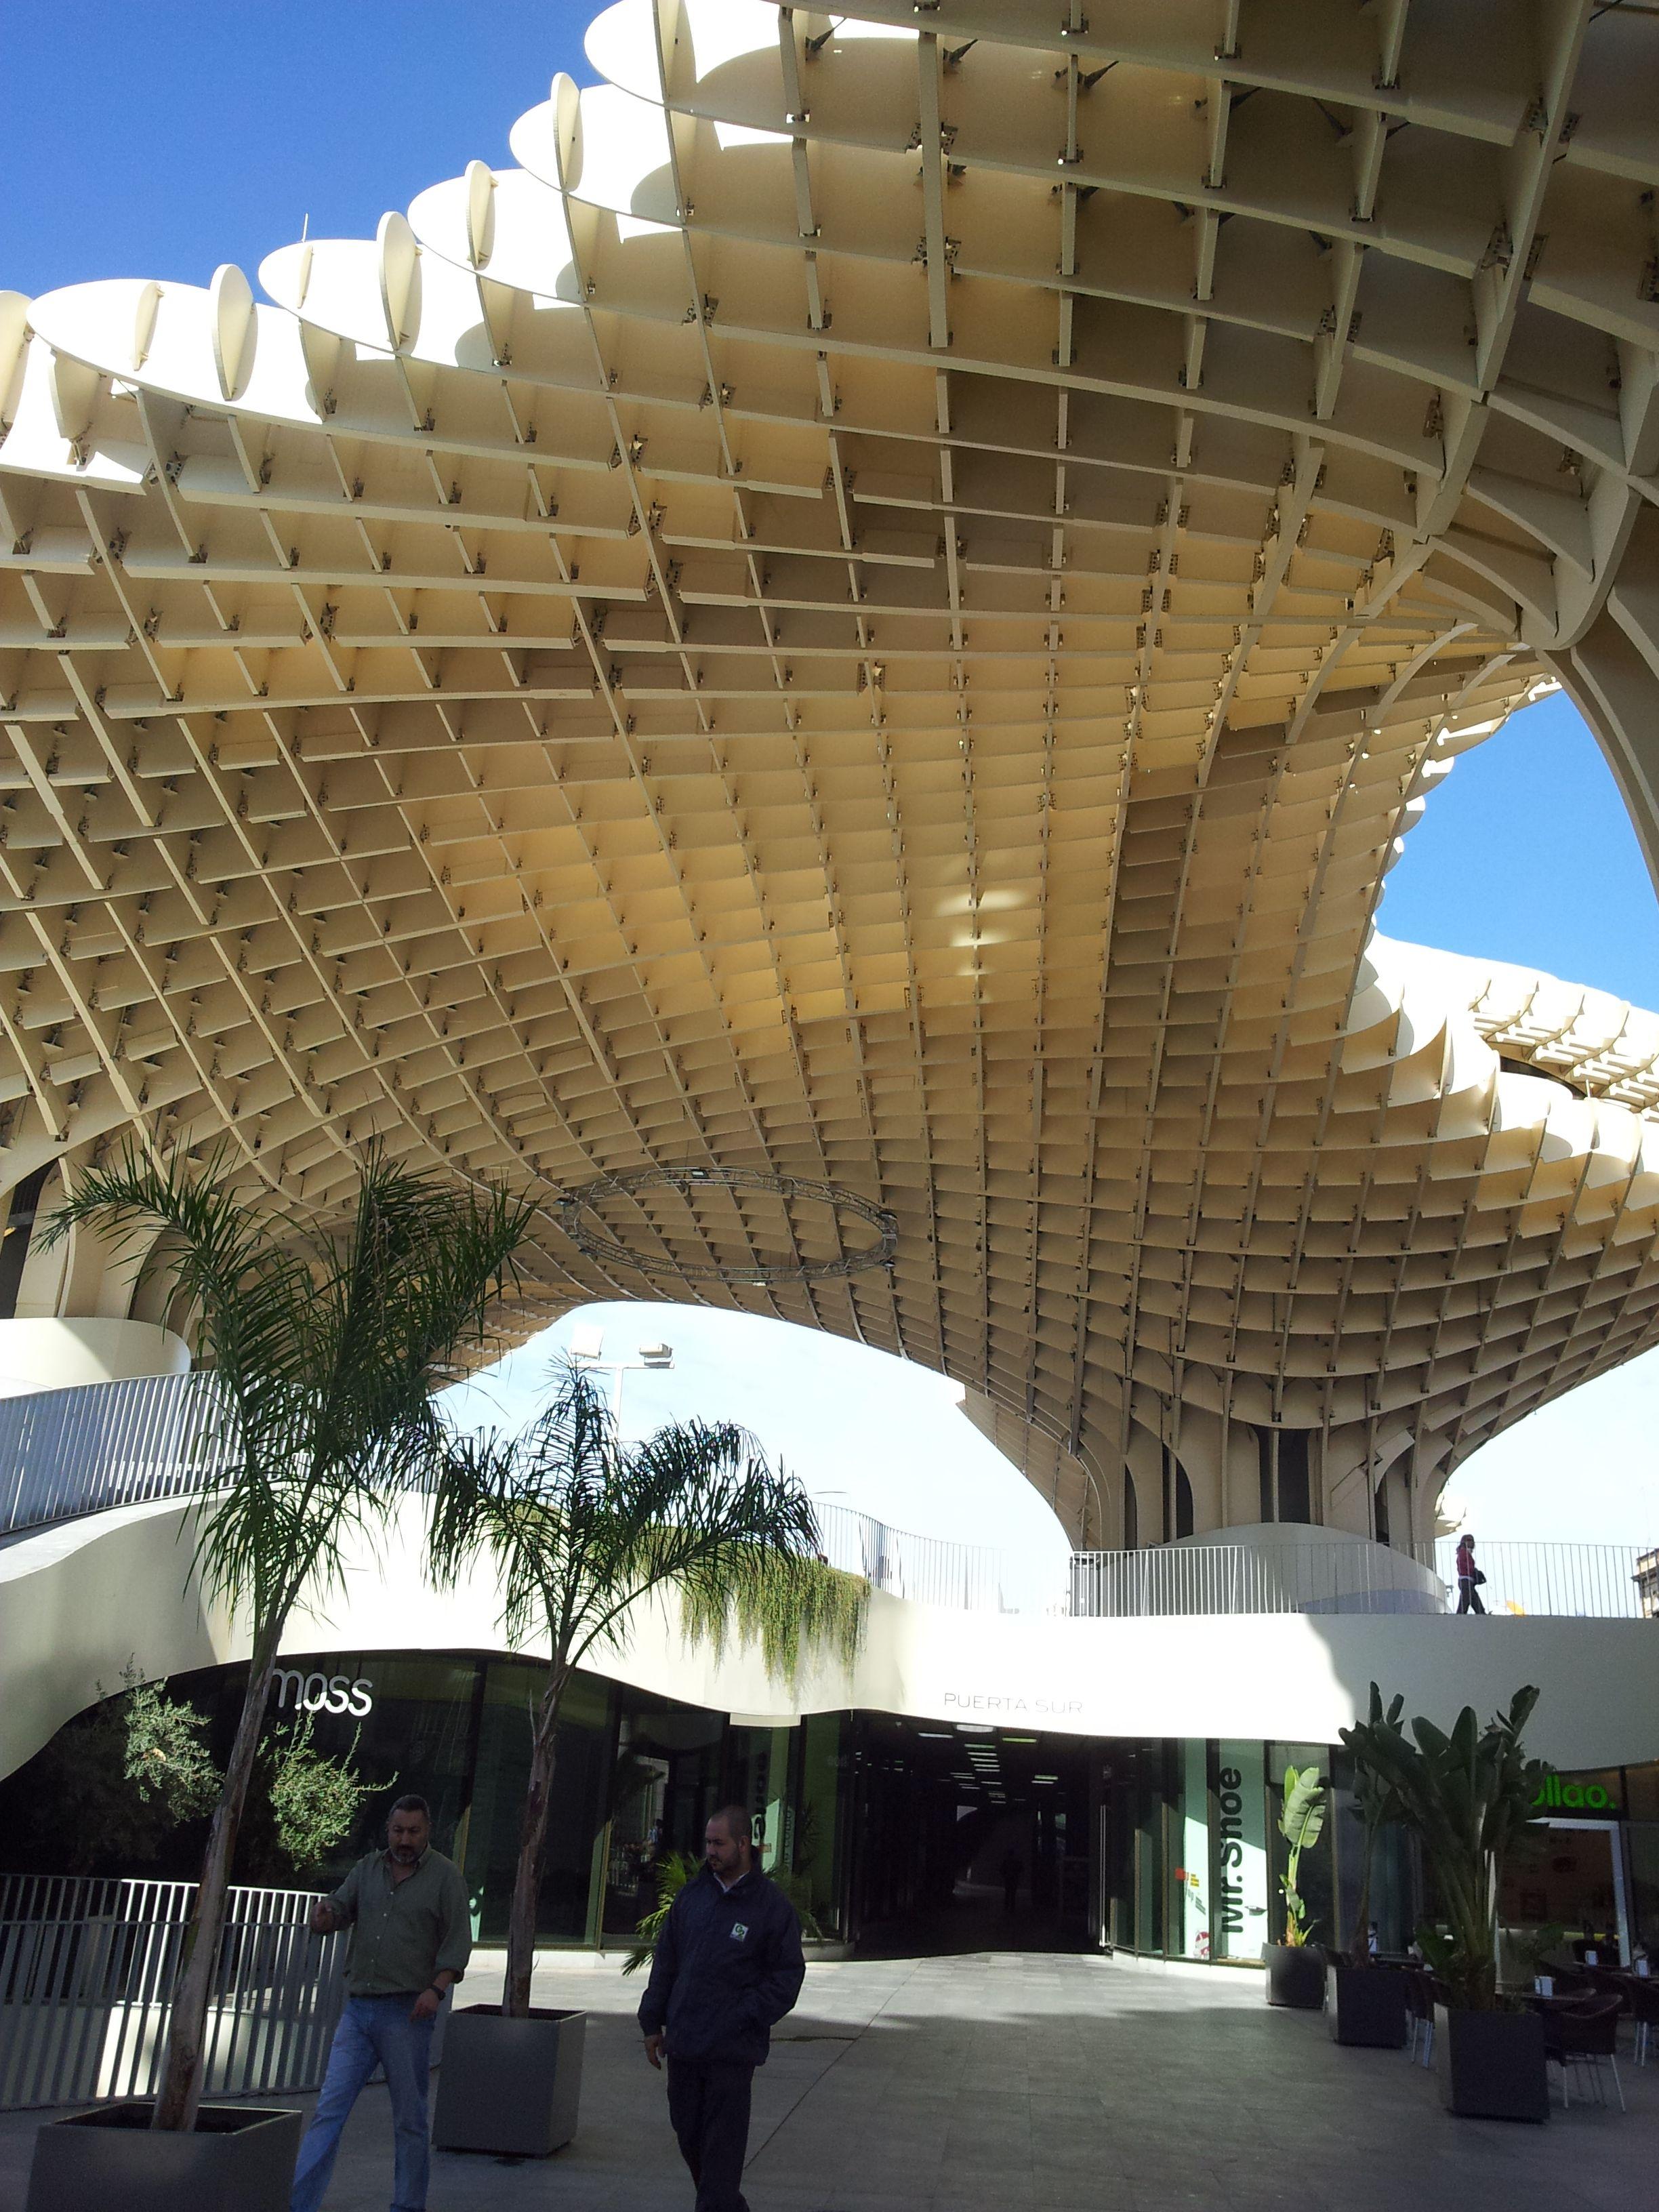 Metropol parasol (con imágenes) Sevilla, Casas, Casas